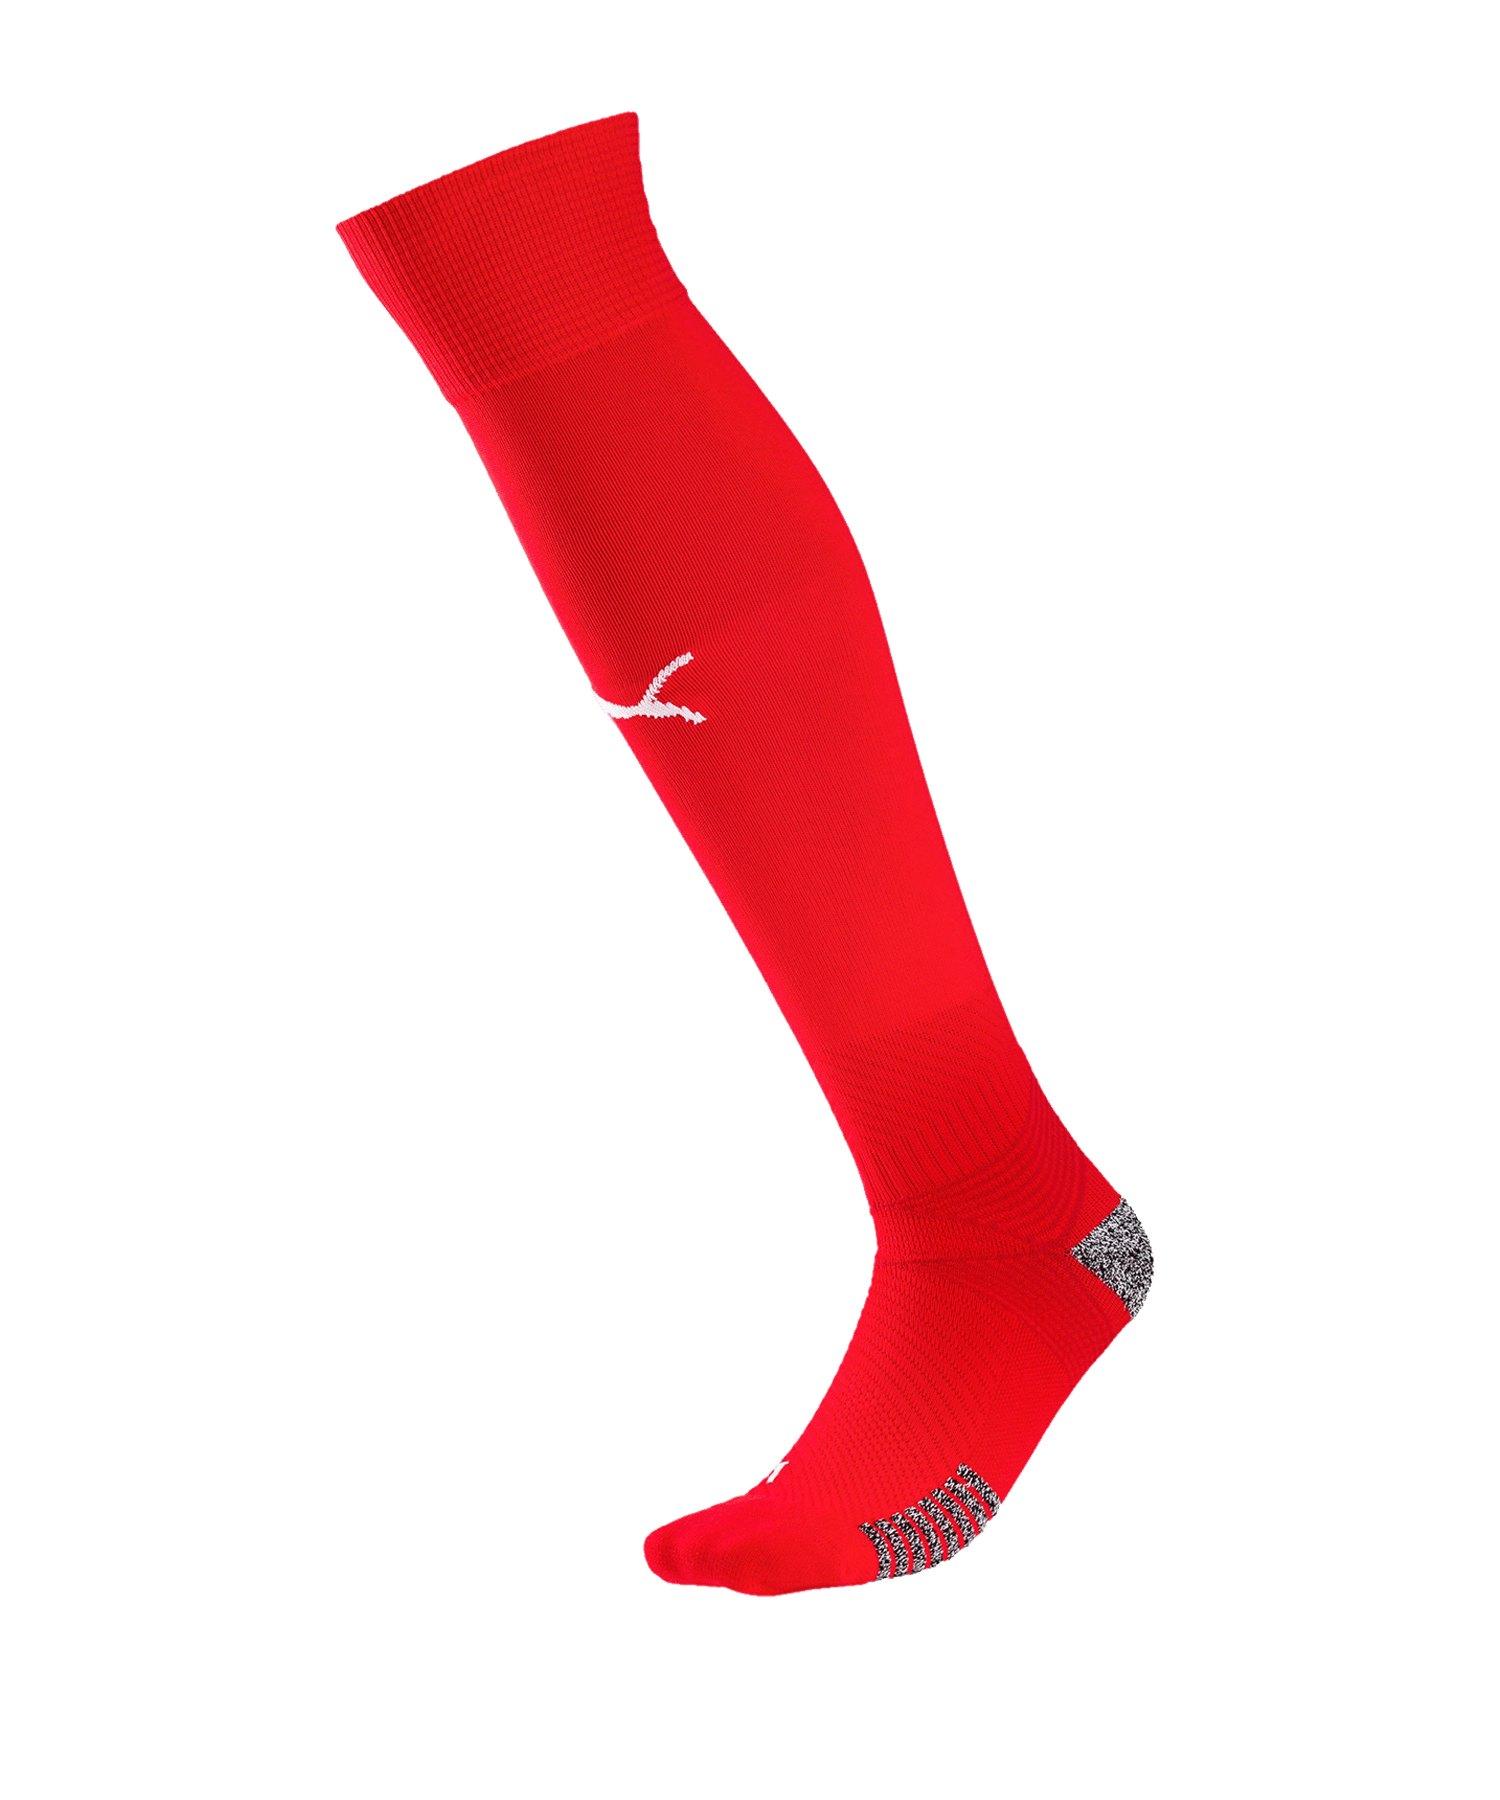 PUMA teamFINAL 21 Socks Stutzenstrümpfe Rot F01 - rot